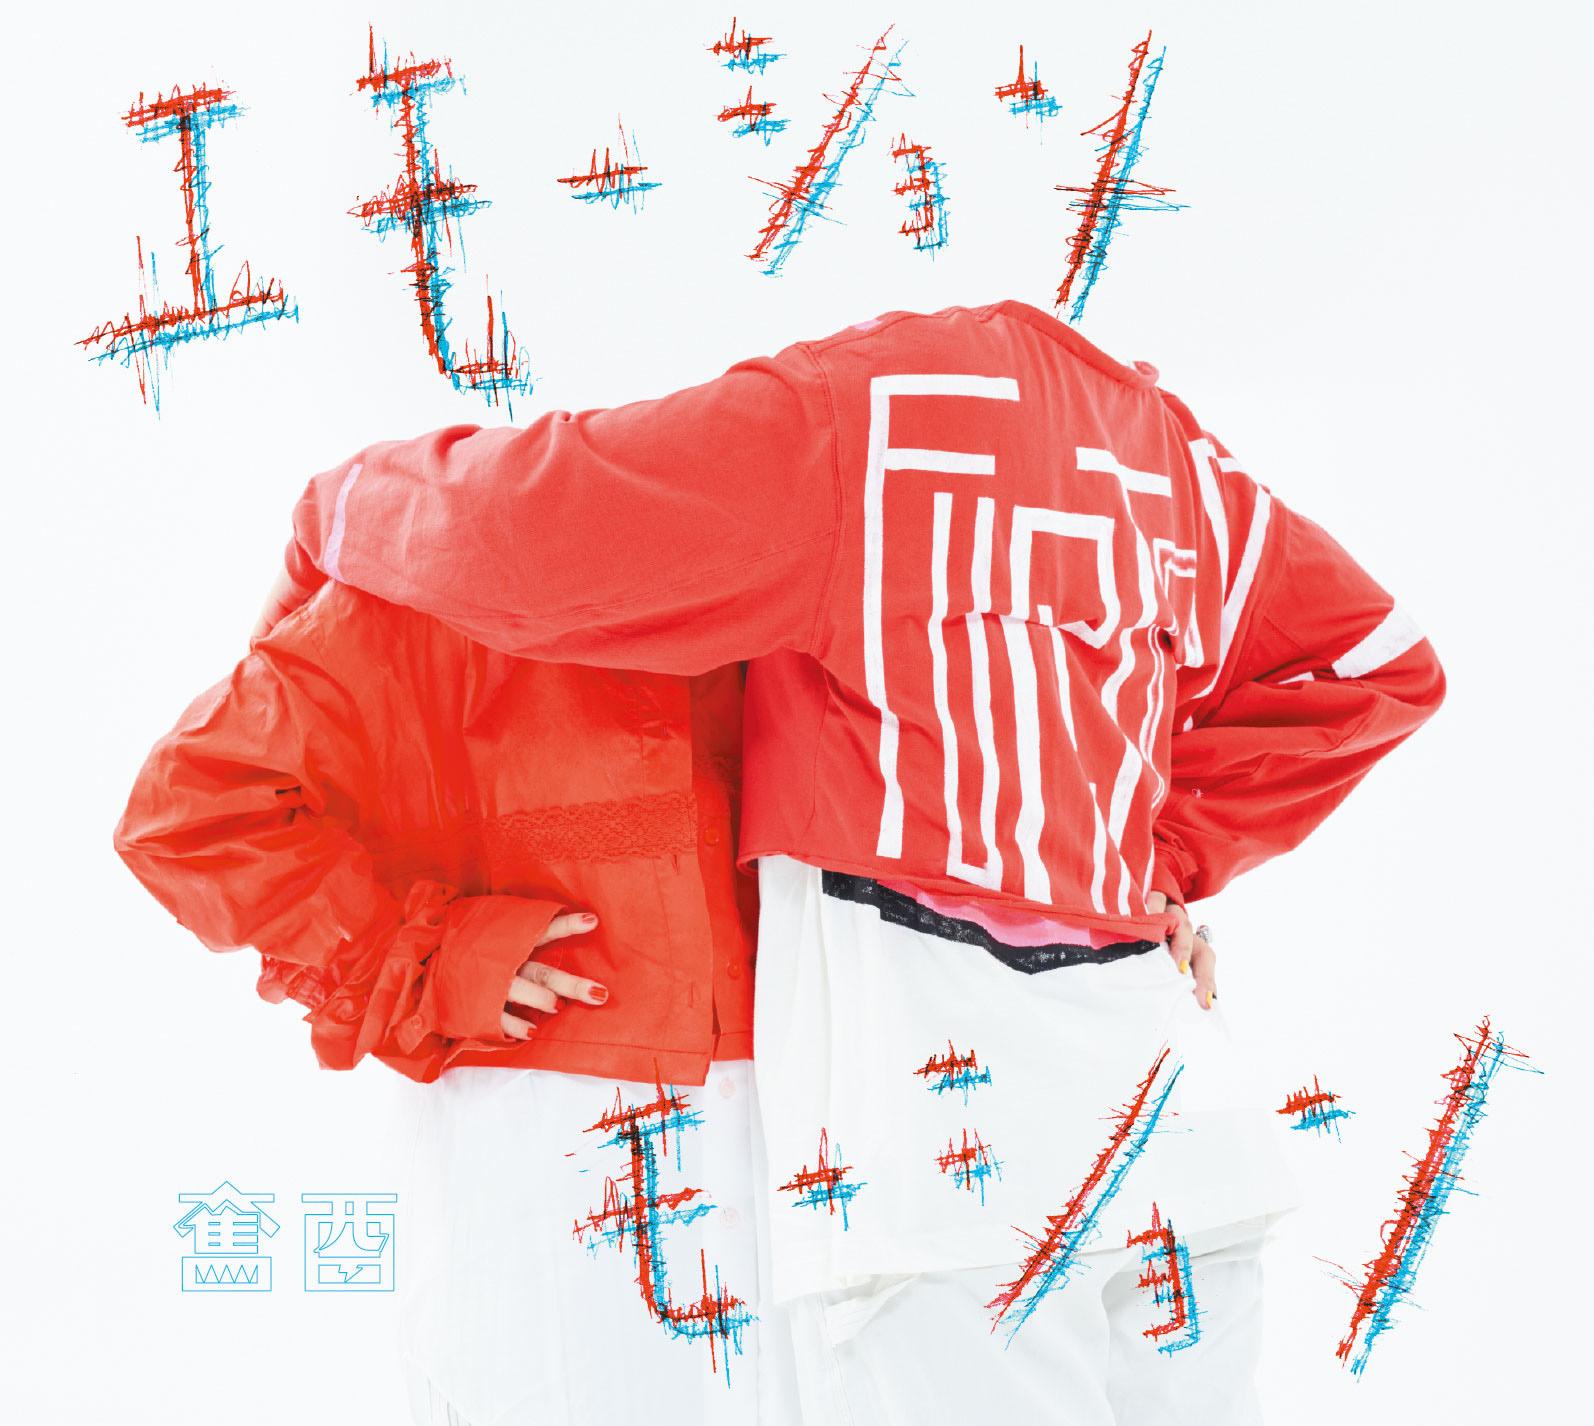 奮酉 / エモーション-モーション